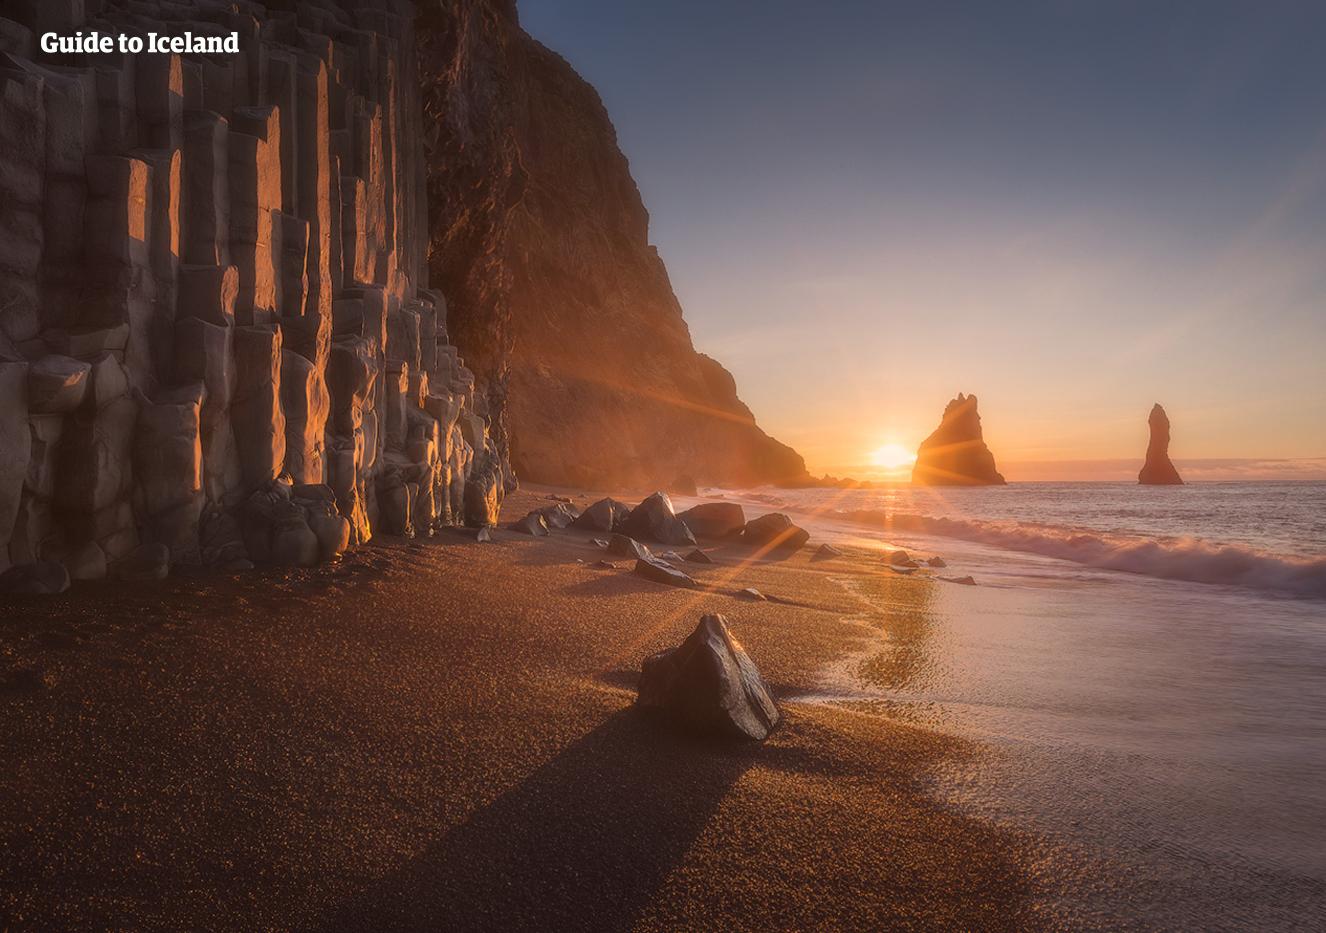 阳光洒落在Reynisfjara黑沙滩上的六角形玄武岩石柱上